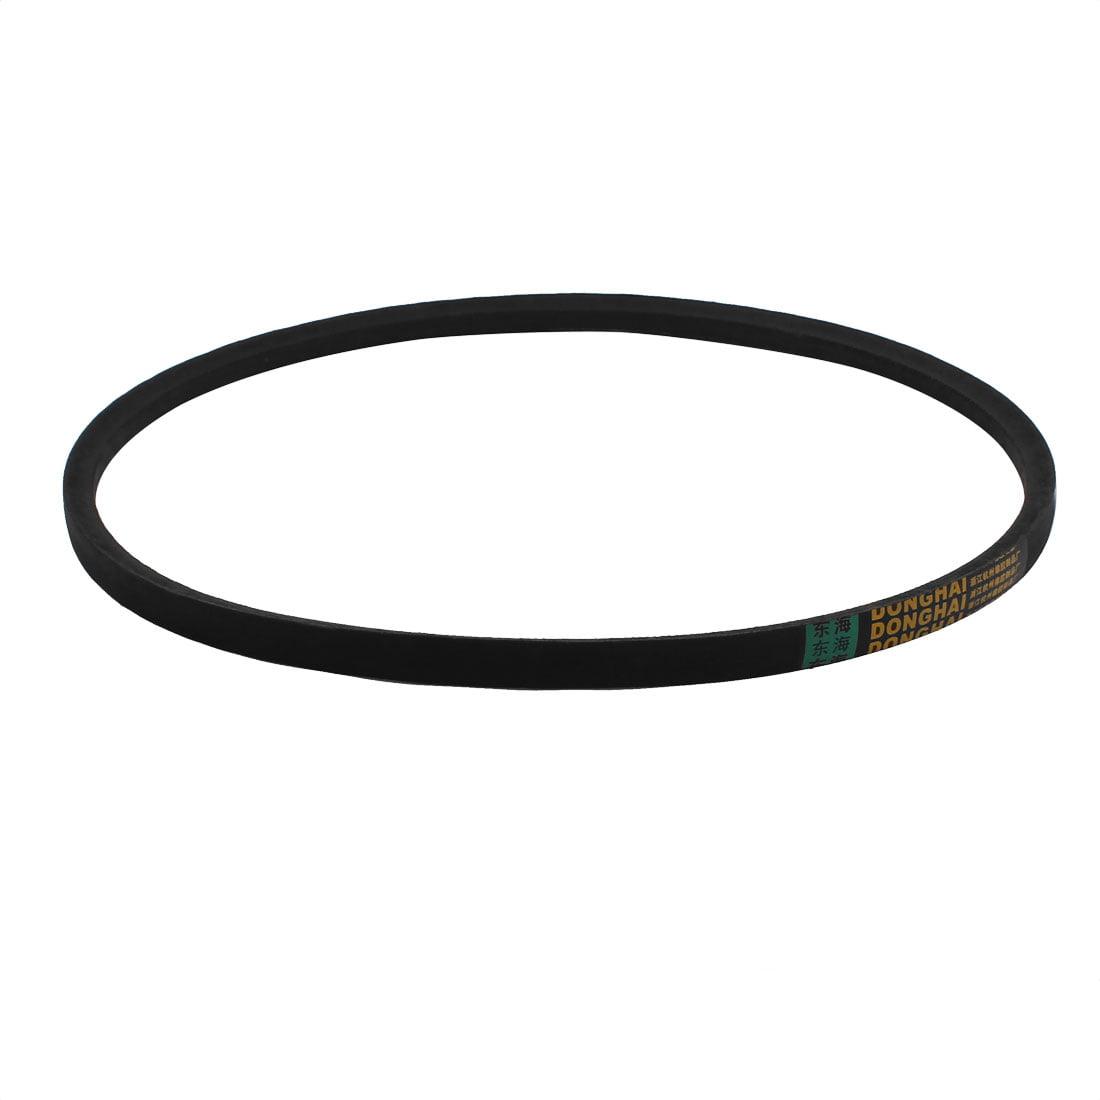 Remplacement Power Drive Industrial Rubber V Ceinture B Section B-40 Noir - image 3 de 3